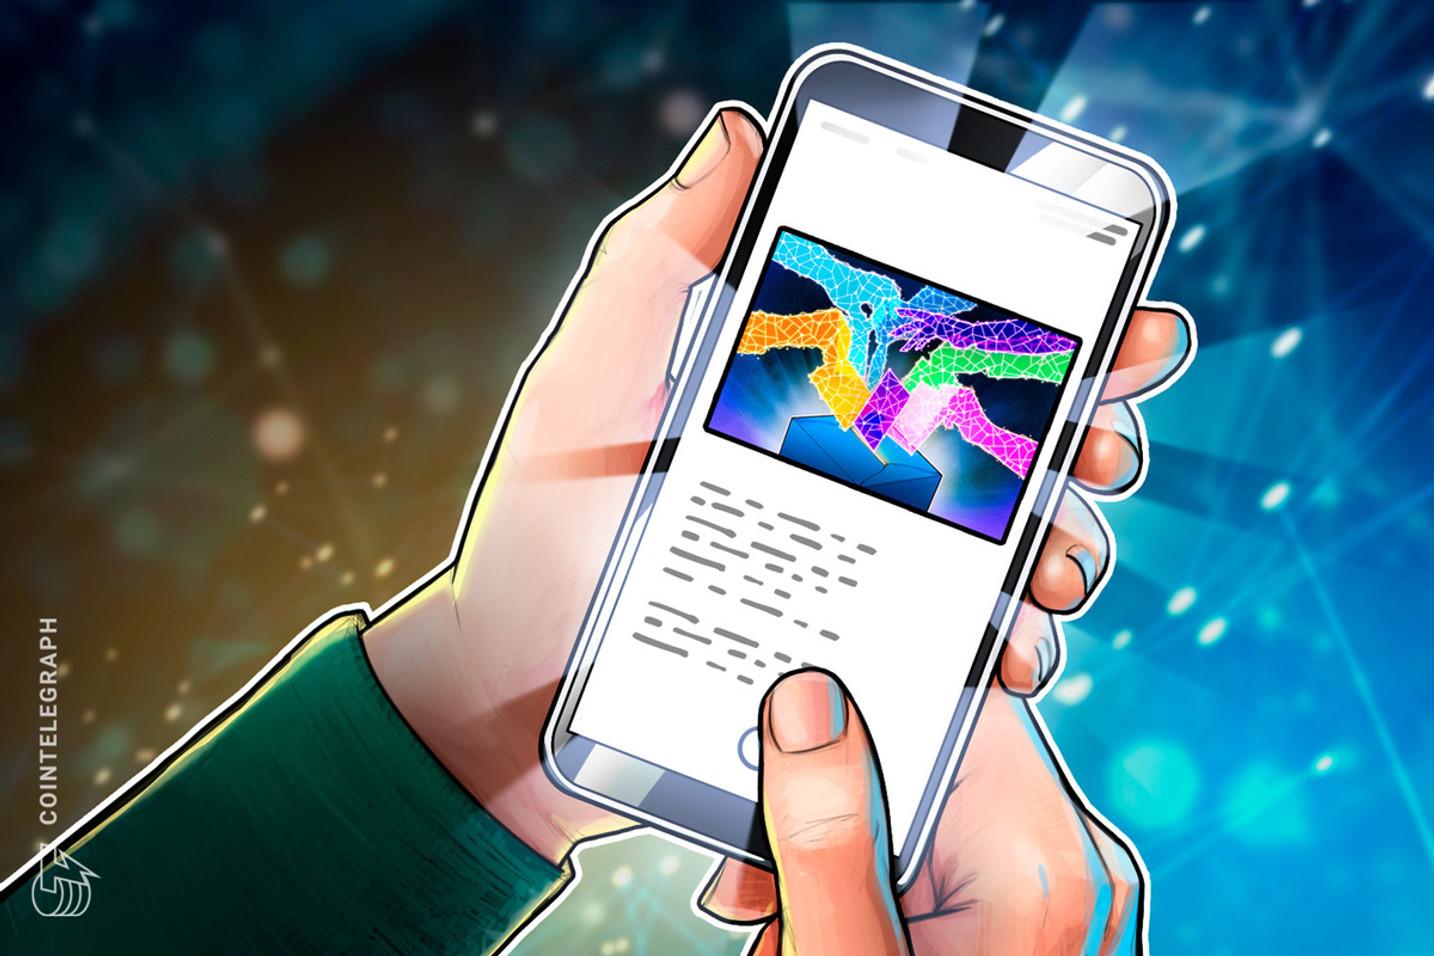 米国で広がるブロックチェーン投票 米オレゴン州でモバイル投票アプリの試験運用【ニュース】